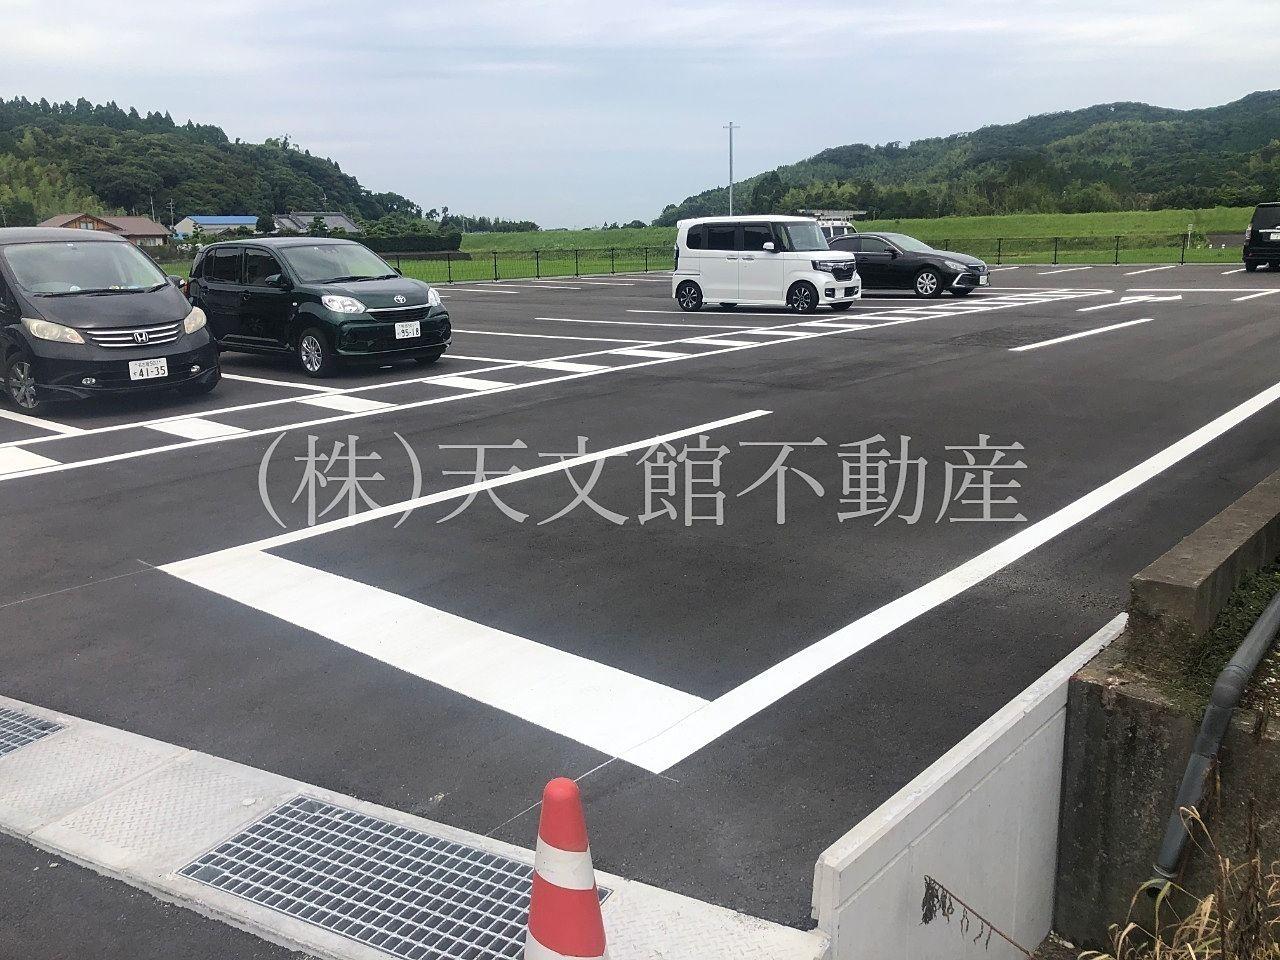 鹿児島県肝属郡の新村畜産は店舗の隣にも駐車場があります。